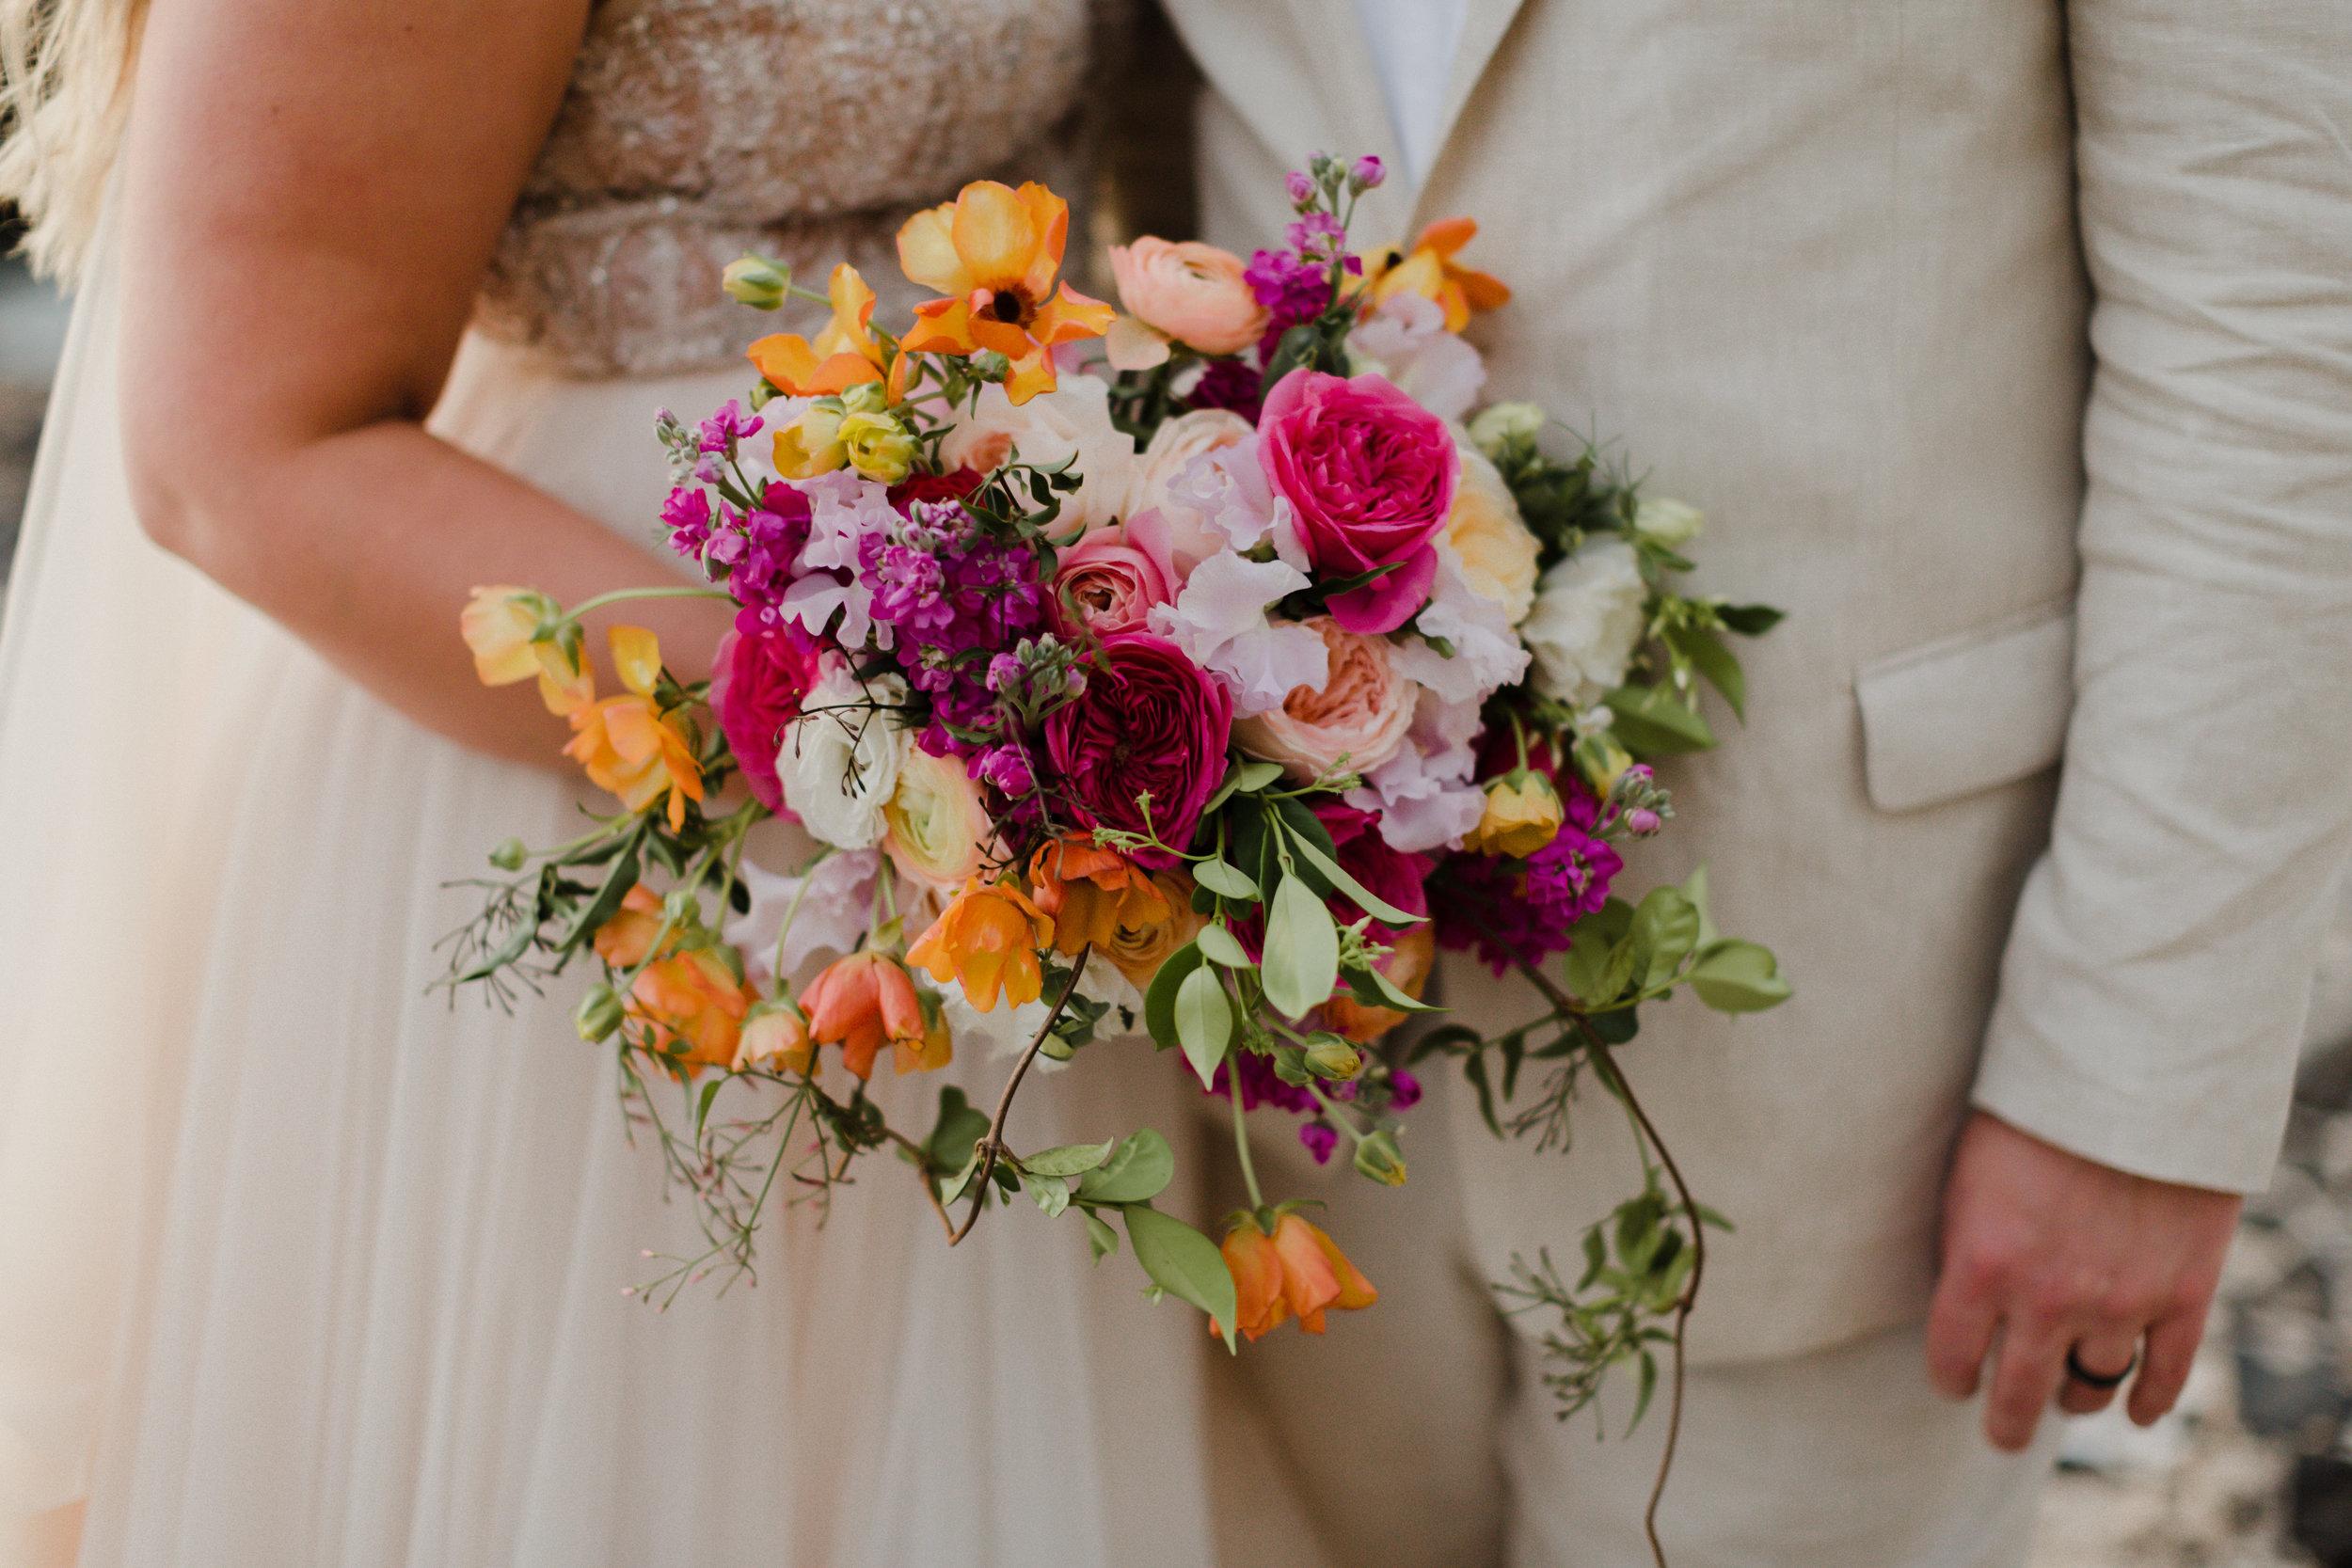 Stephanie-Betsill-Photography-Maui-Photographer-Hawaii-Wedding-Photographer-1220.jpg